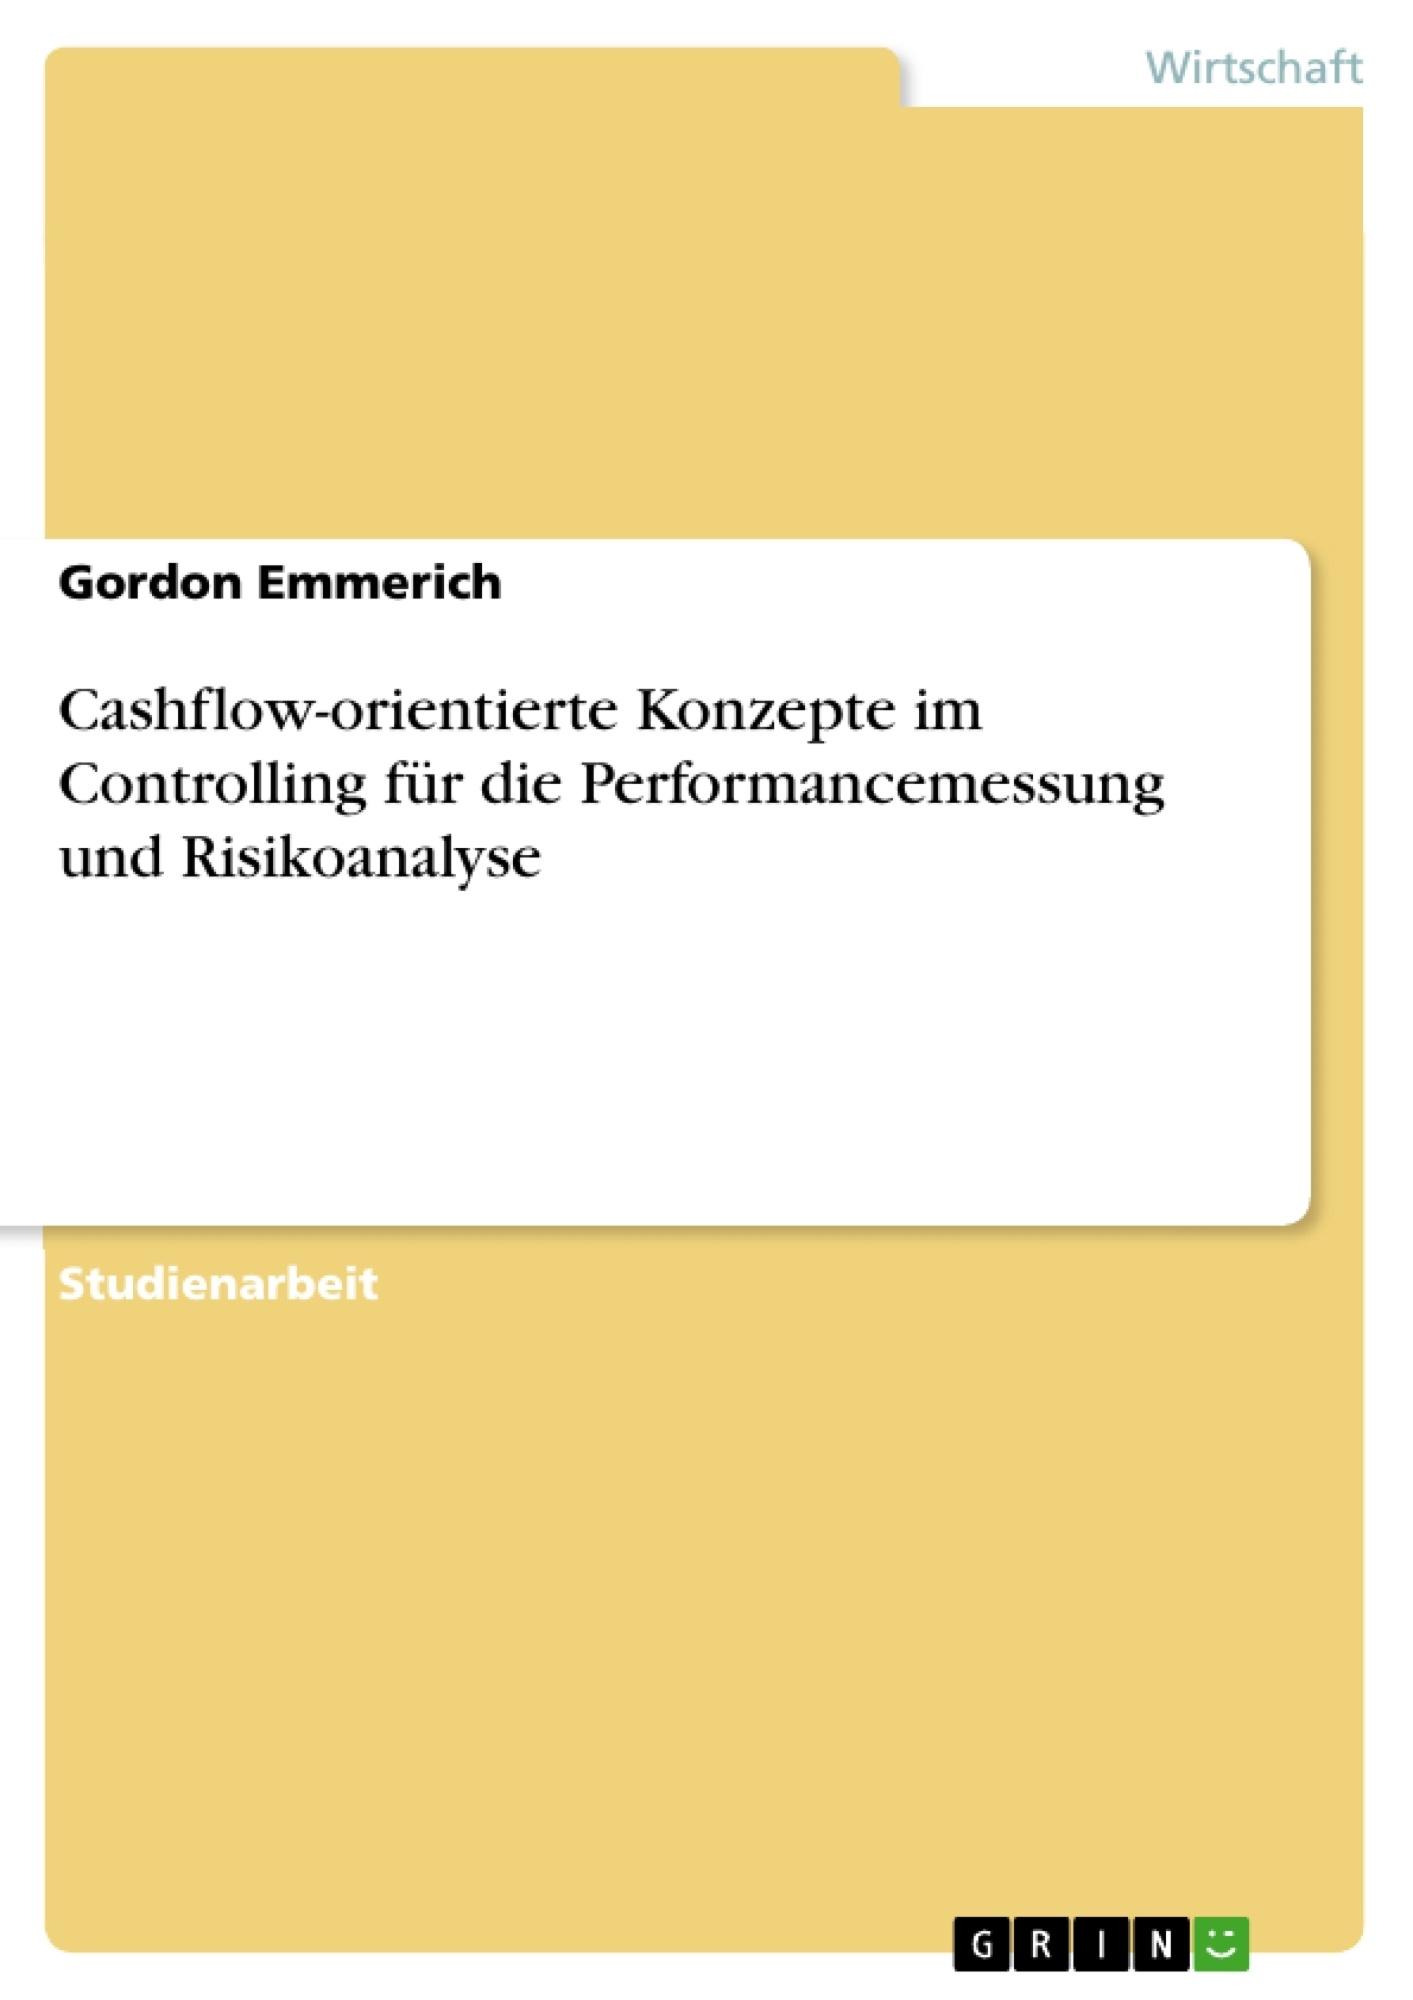 Titel: Cashflow-orientierte Konzepte im Controlling für die Performancemessung und Risikoanalyse